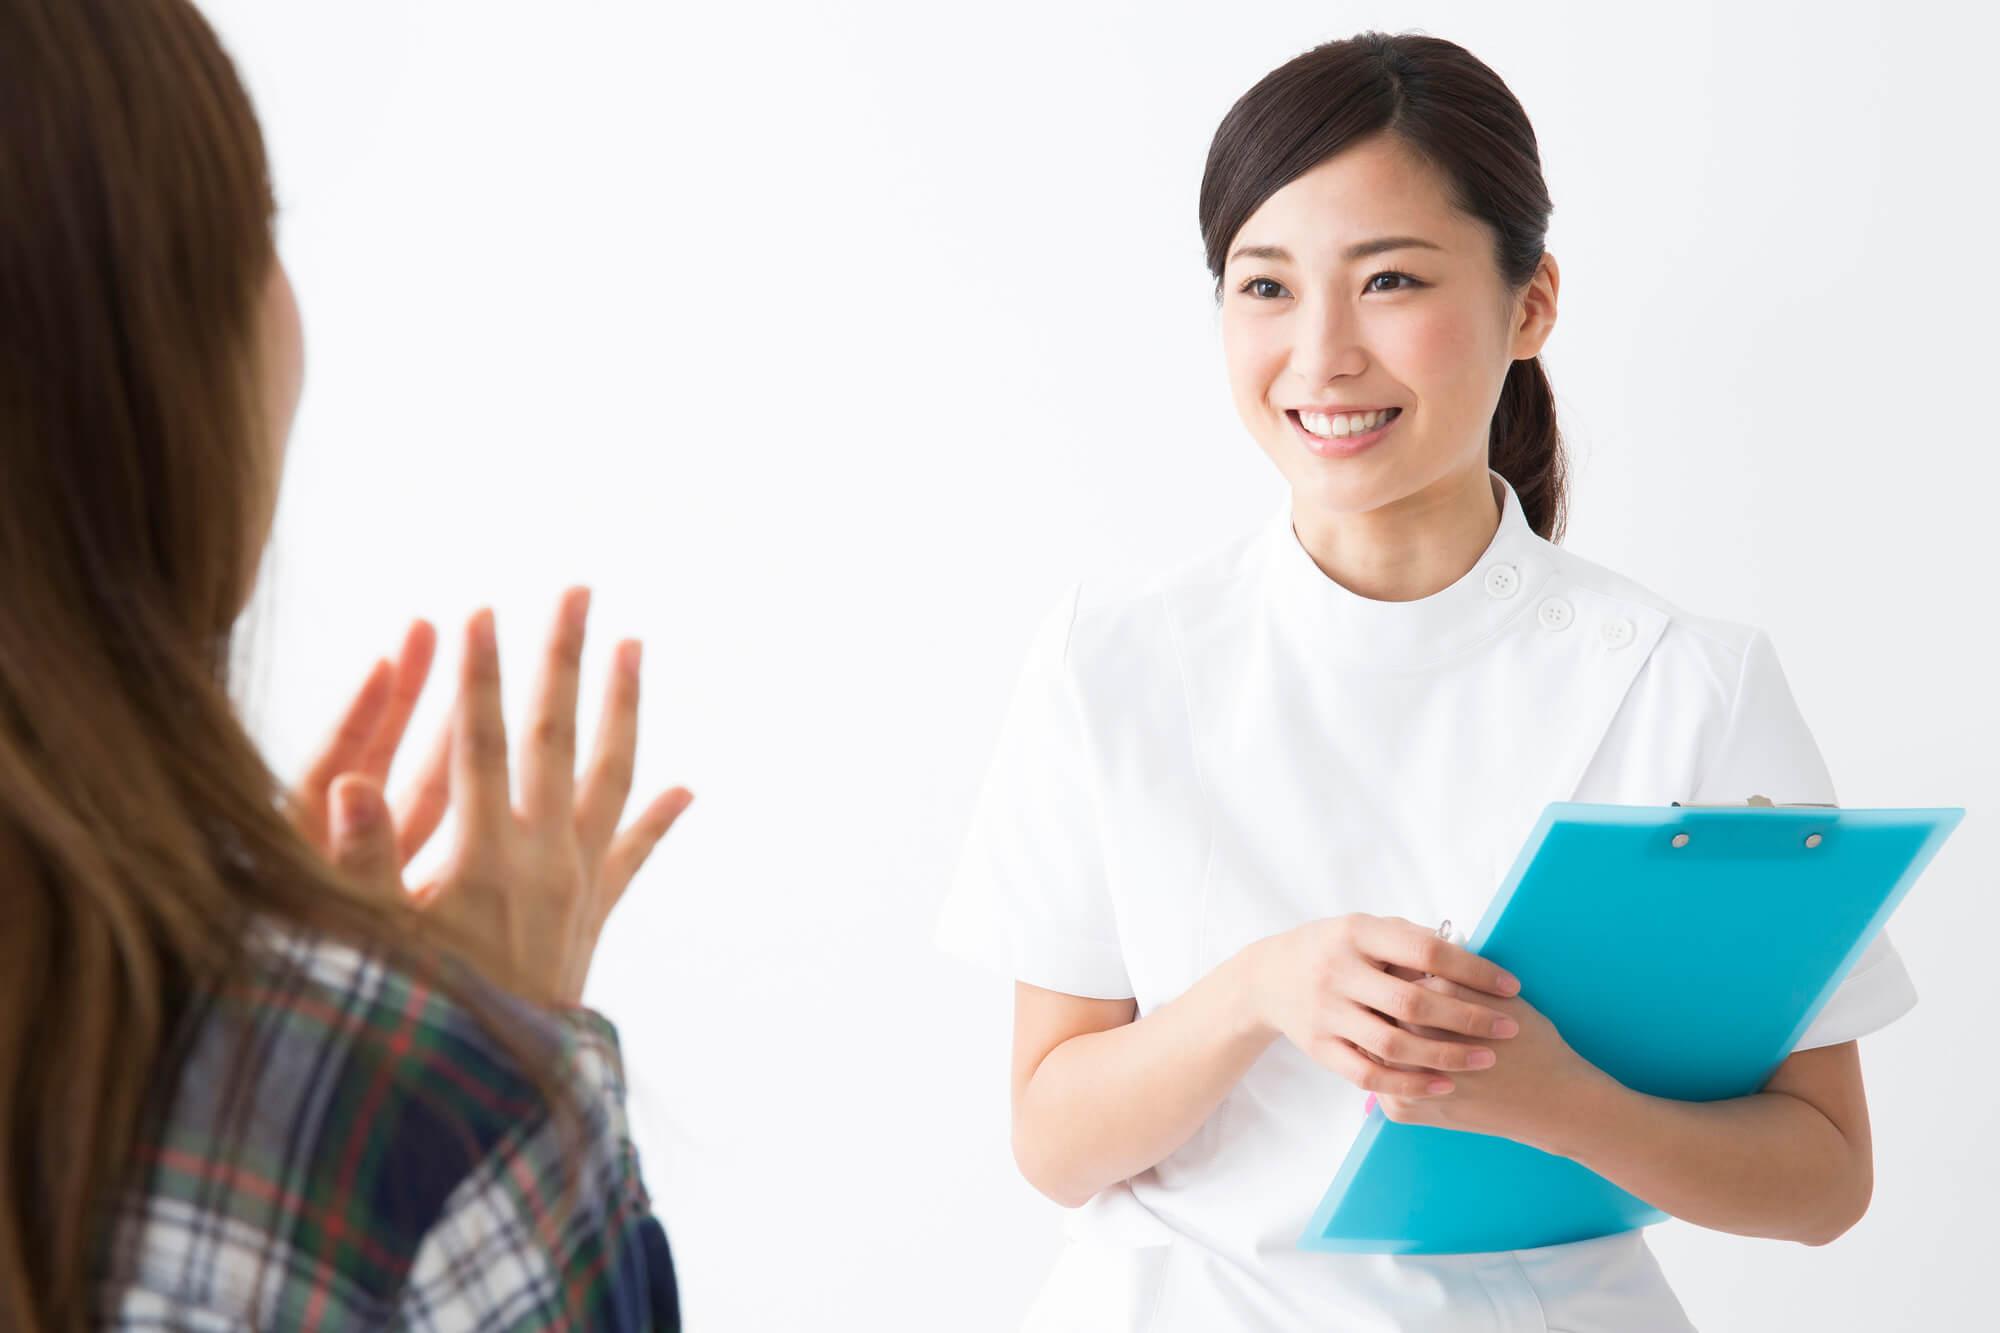 カウンセリングの方法や流れを女性クライアントに説明している女性カウンセラー